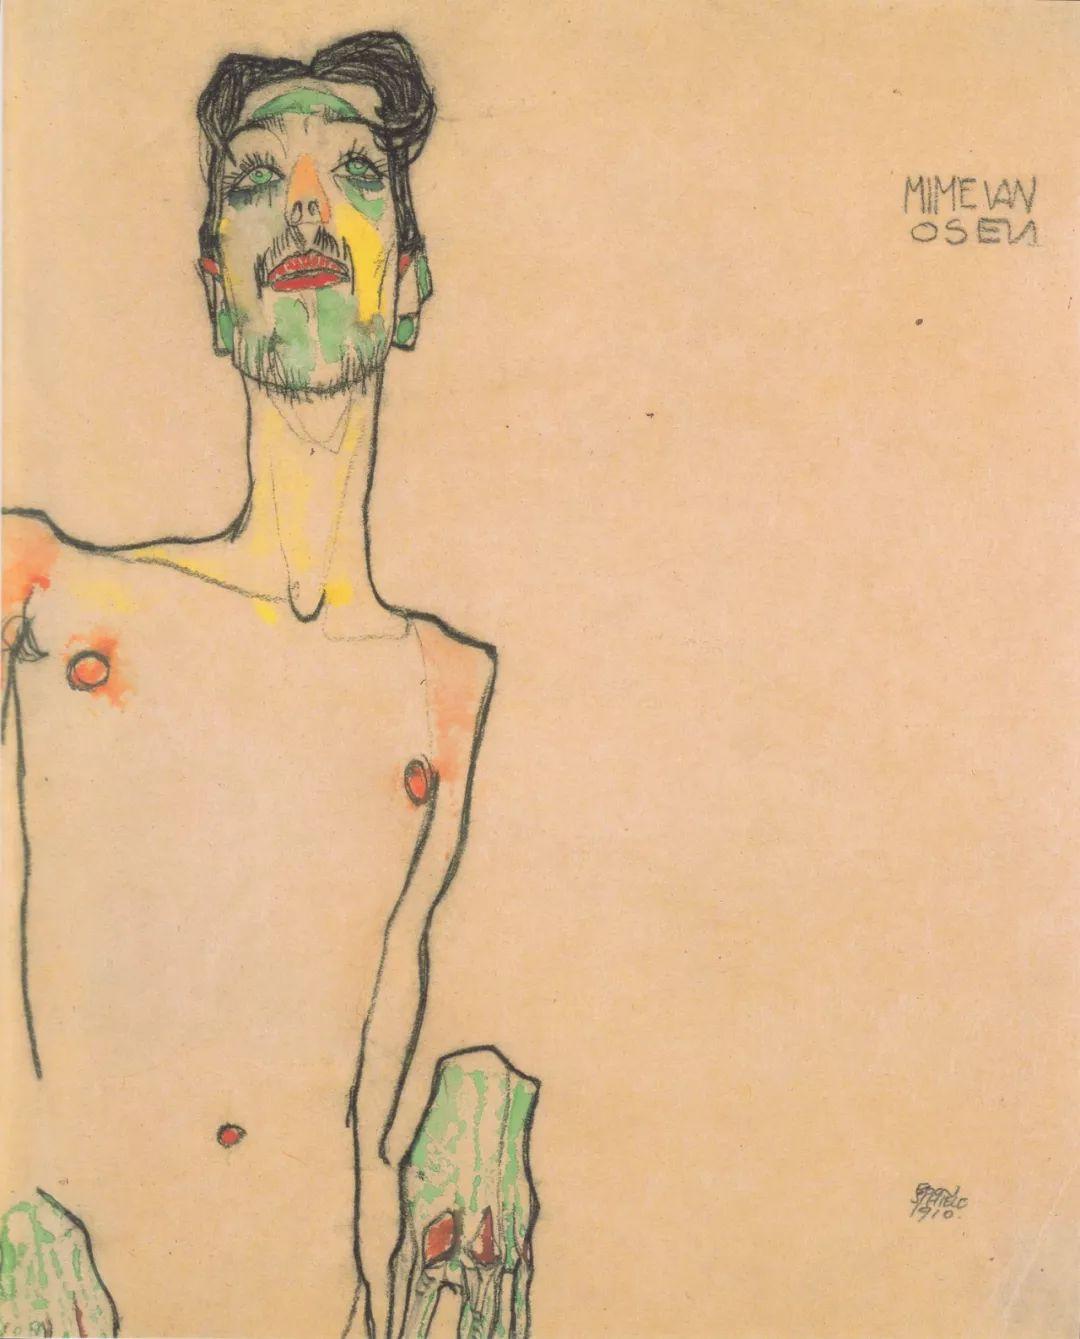 年仅28岁,生前遭受非议,死后却被捧为直逼心灵的艺术家插图105